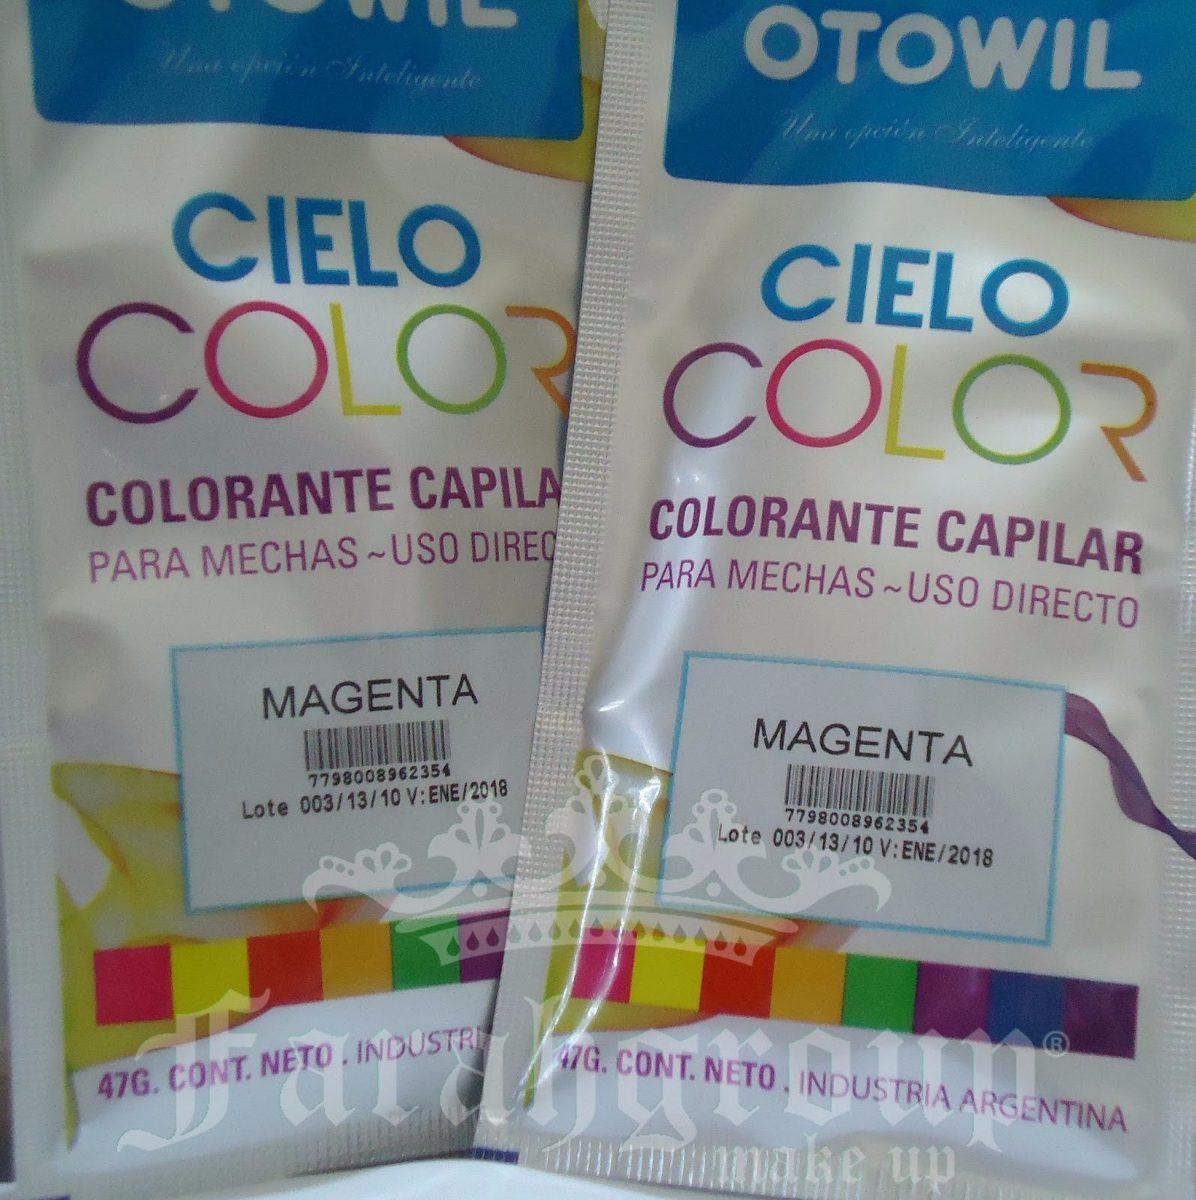 Colores fantasia para el pelo otowil